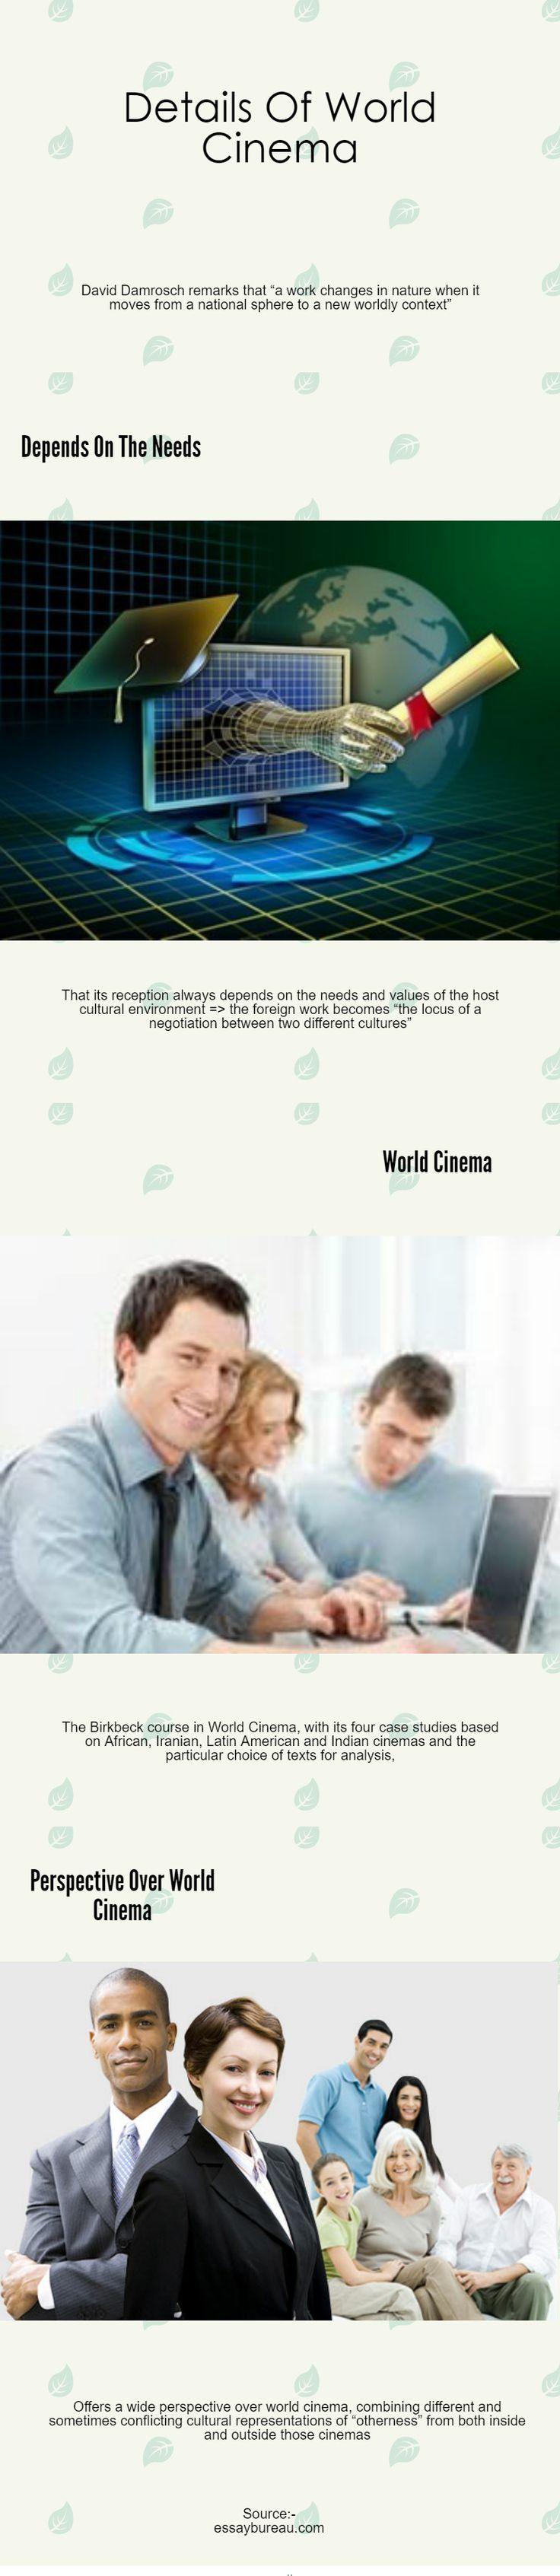 Custompapers com plagiarism image 2